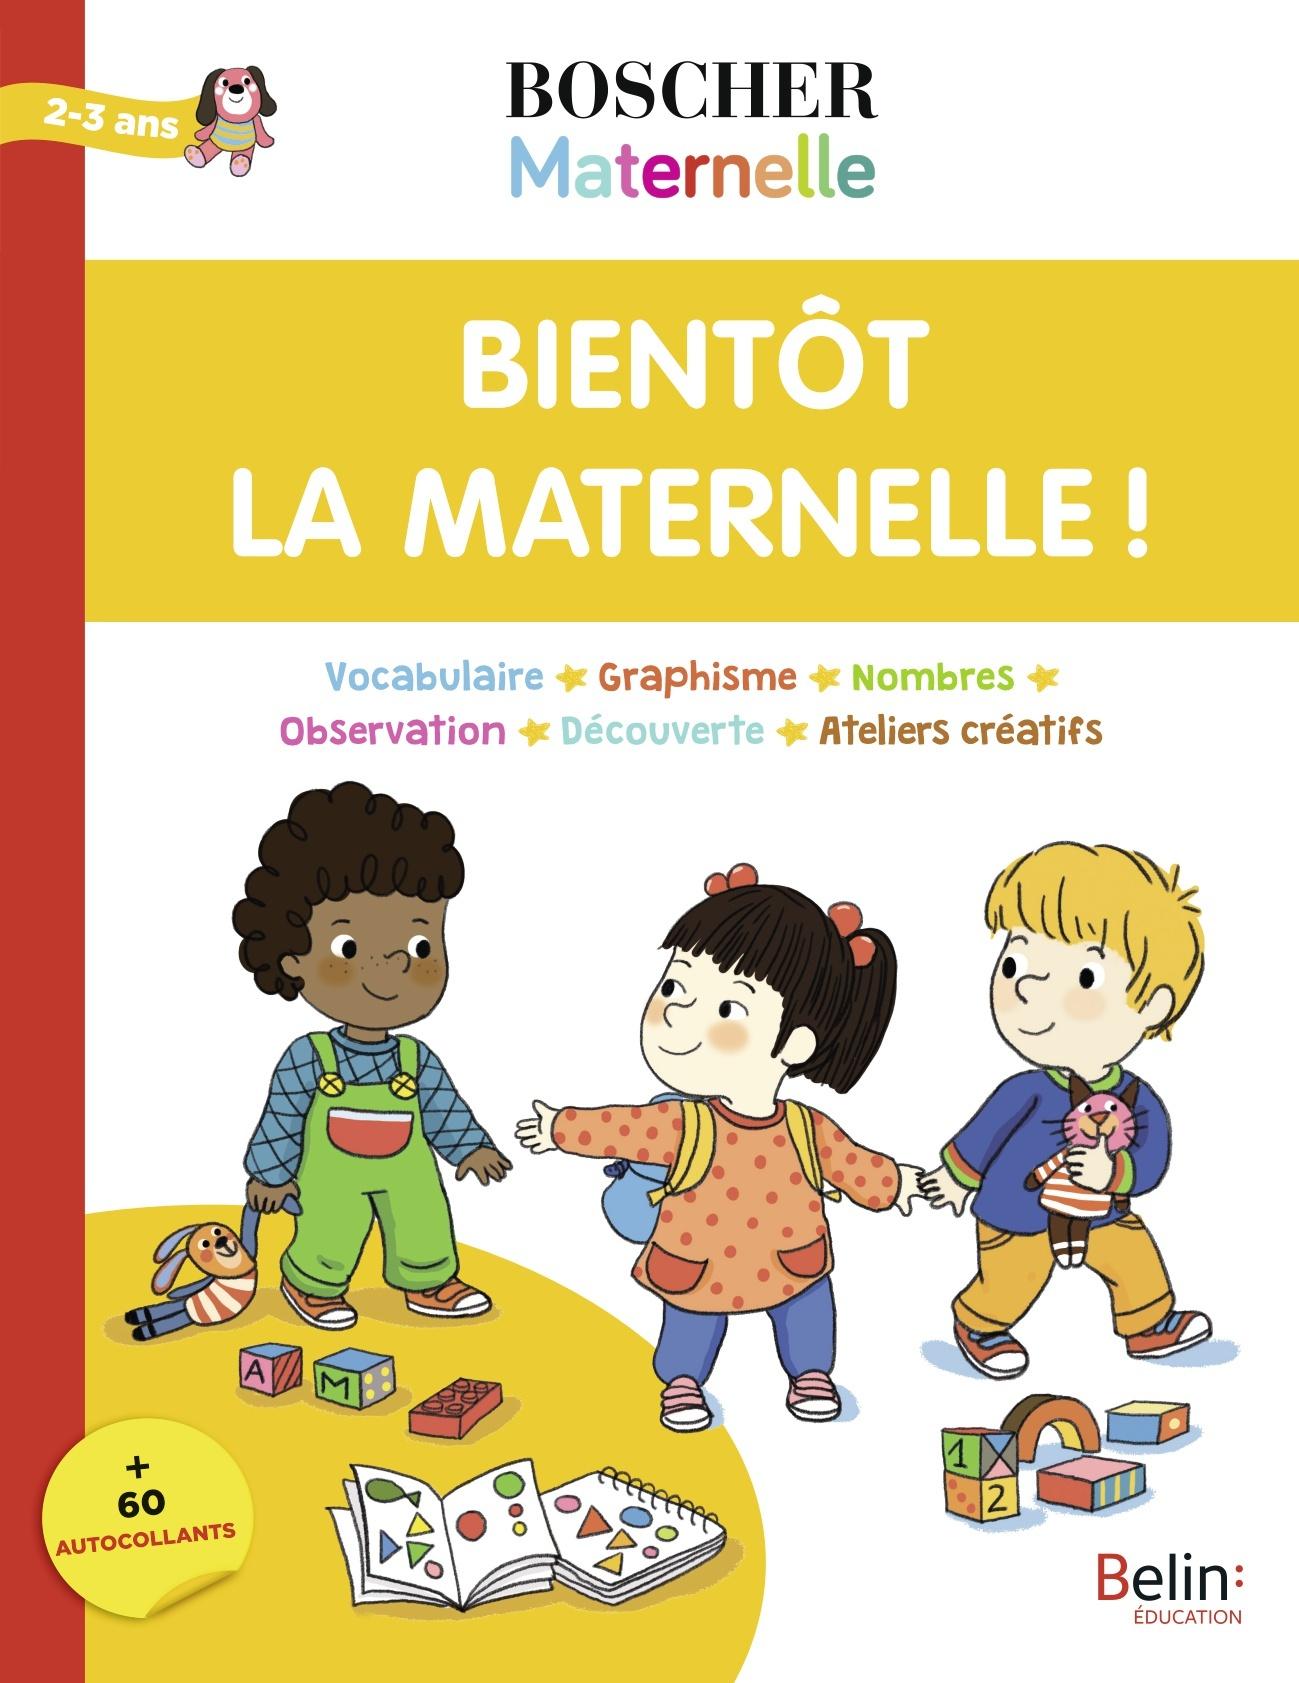 BIENTOT LA MATERNELLE !